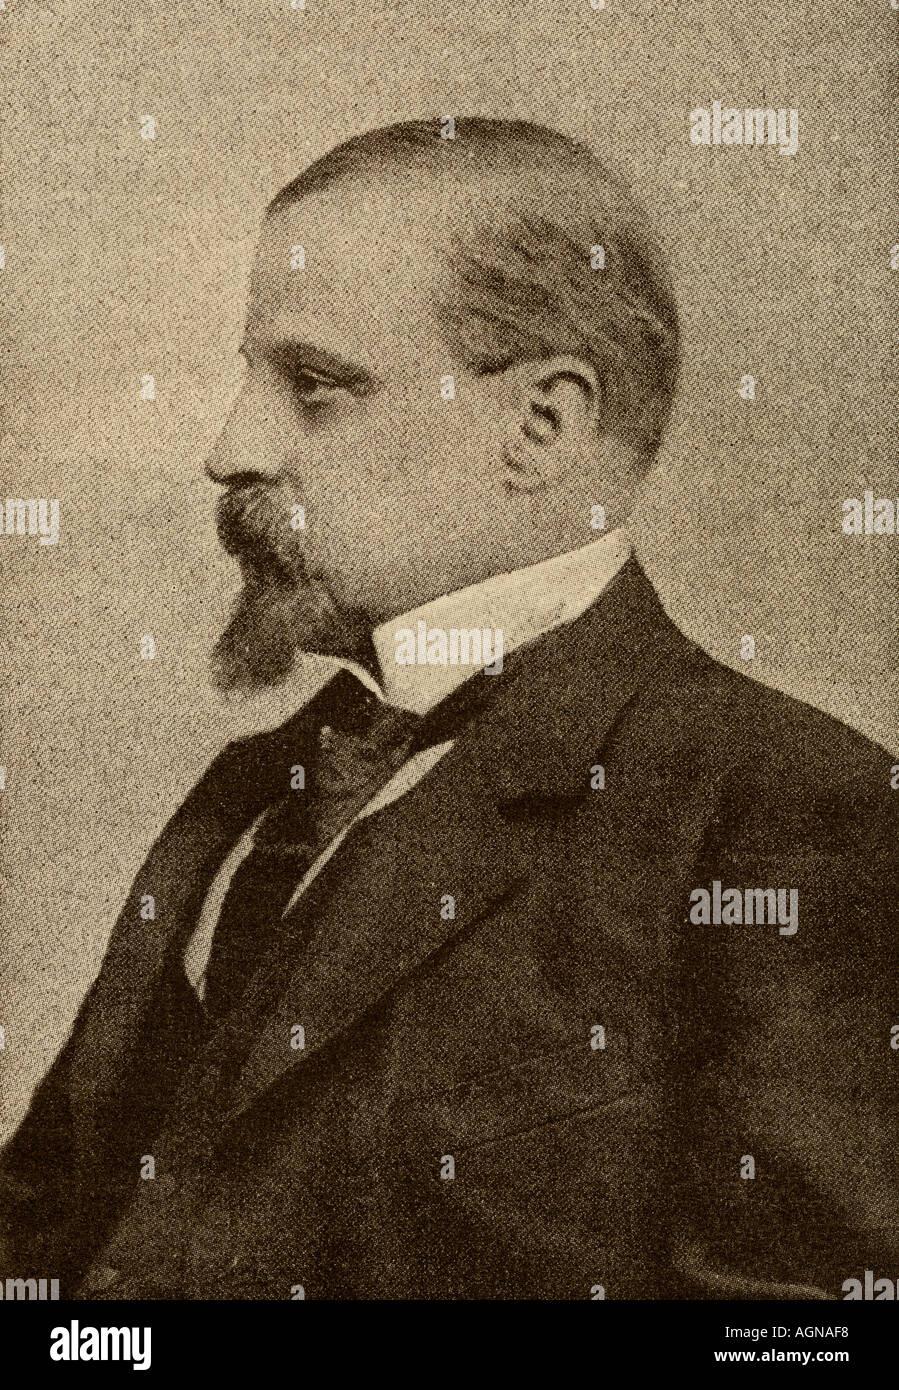 Henryk Sienkiewicz, 1846-1916. Polnische Schriftsteller Sieger von 1905 Nobelpreis für Literatur Stockbild